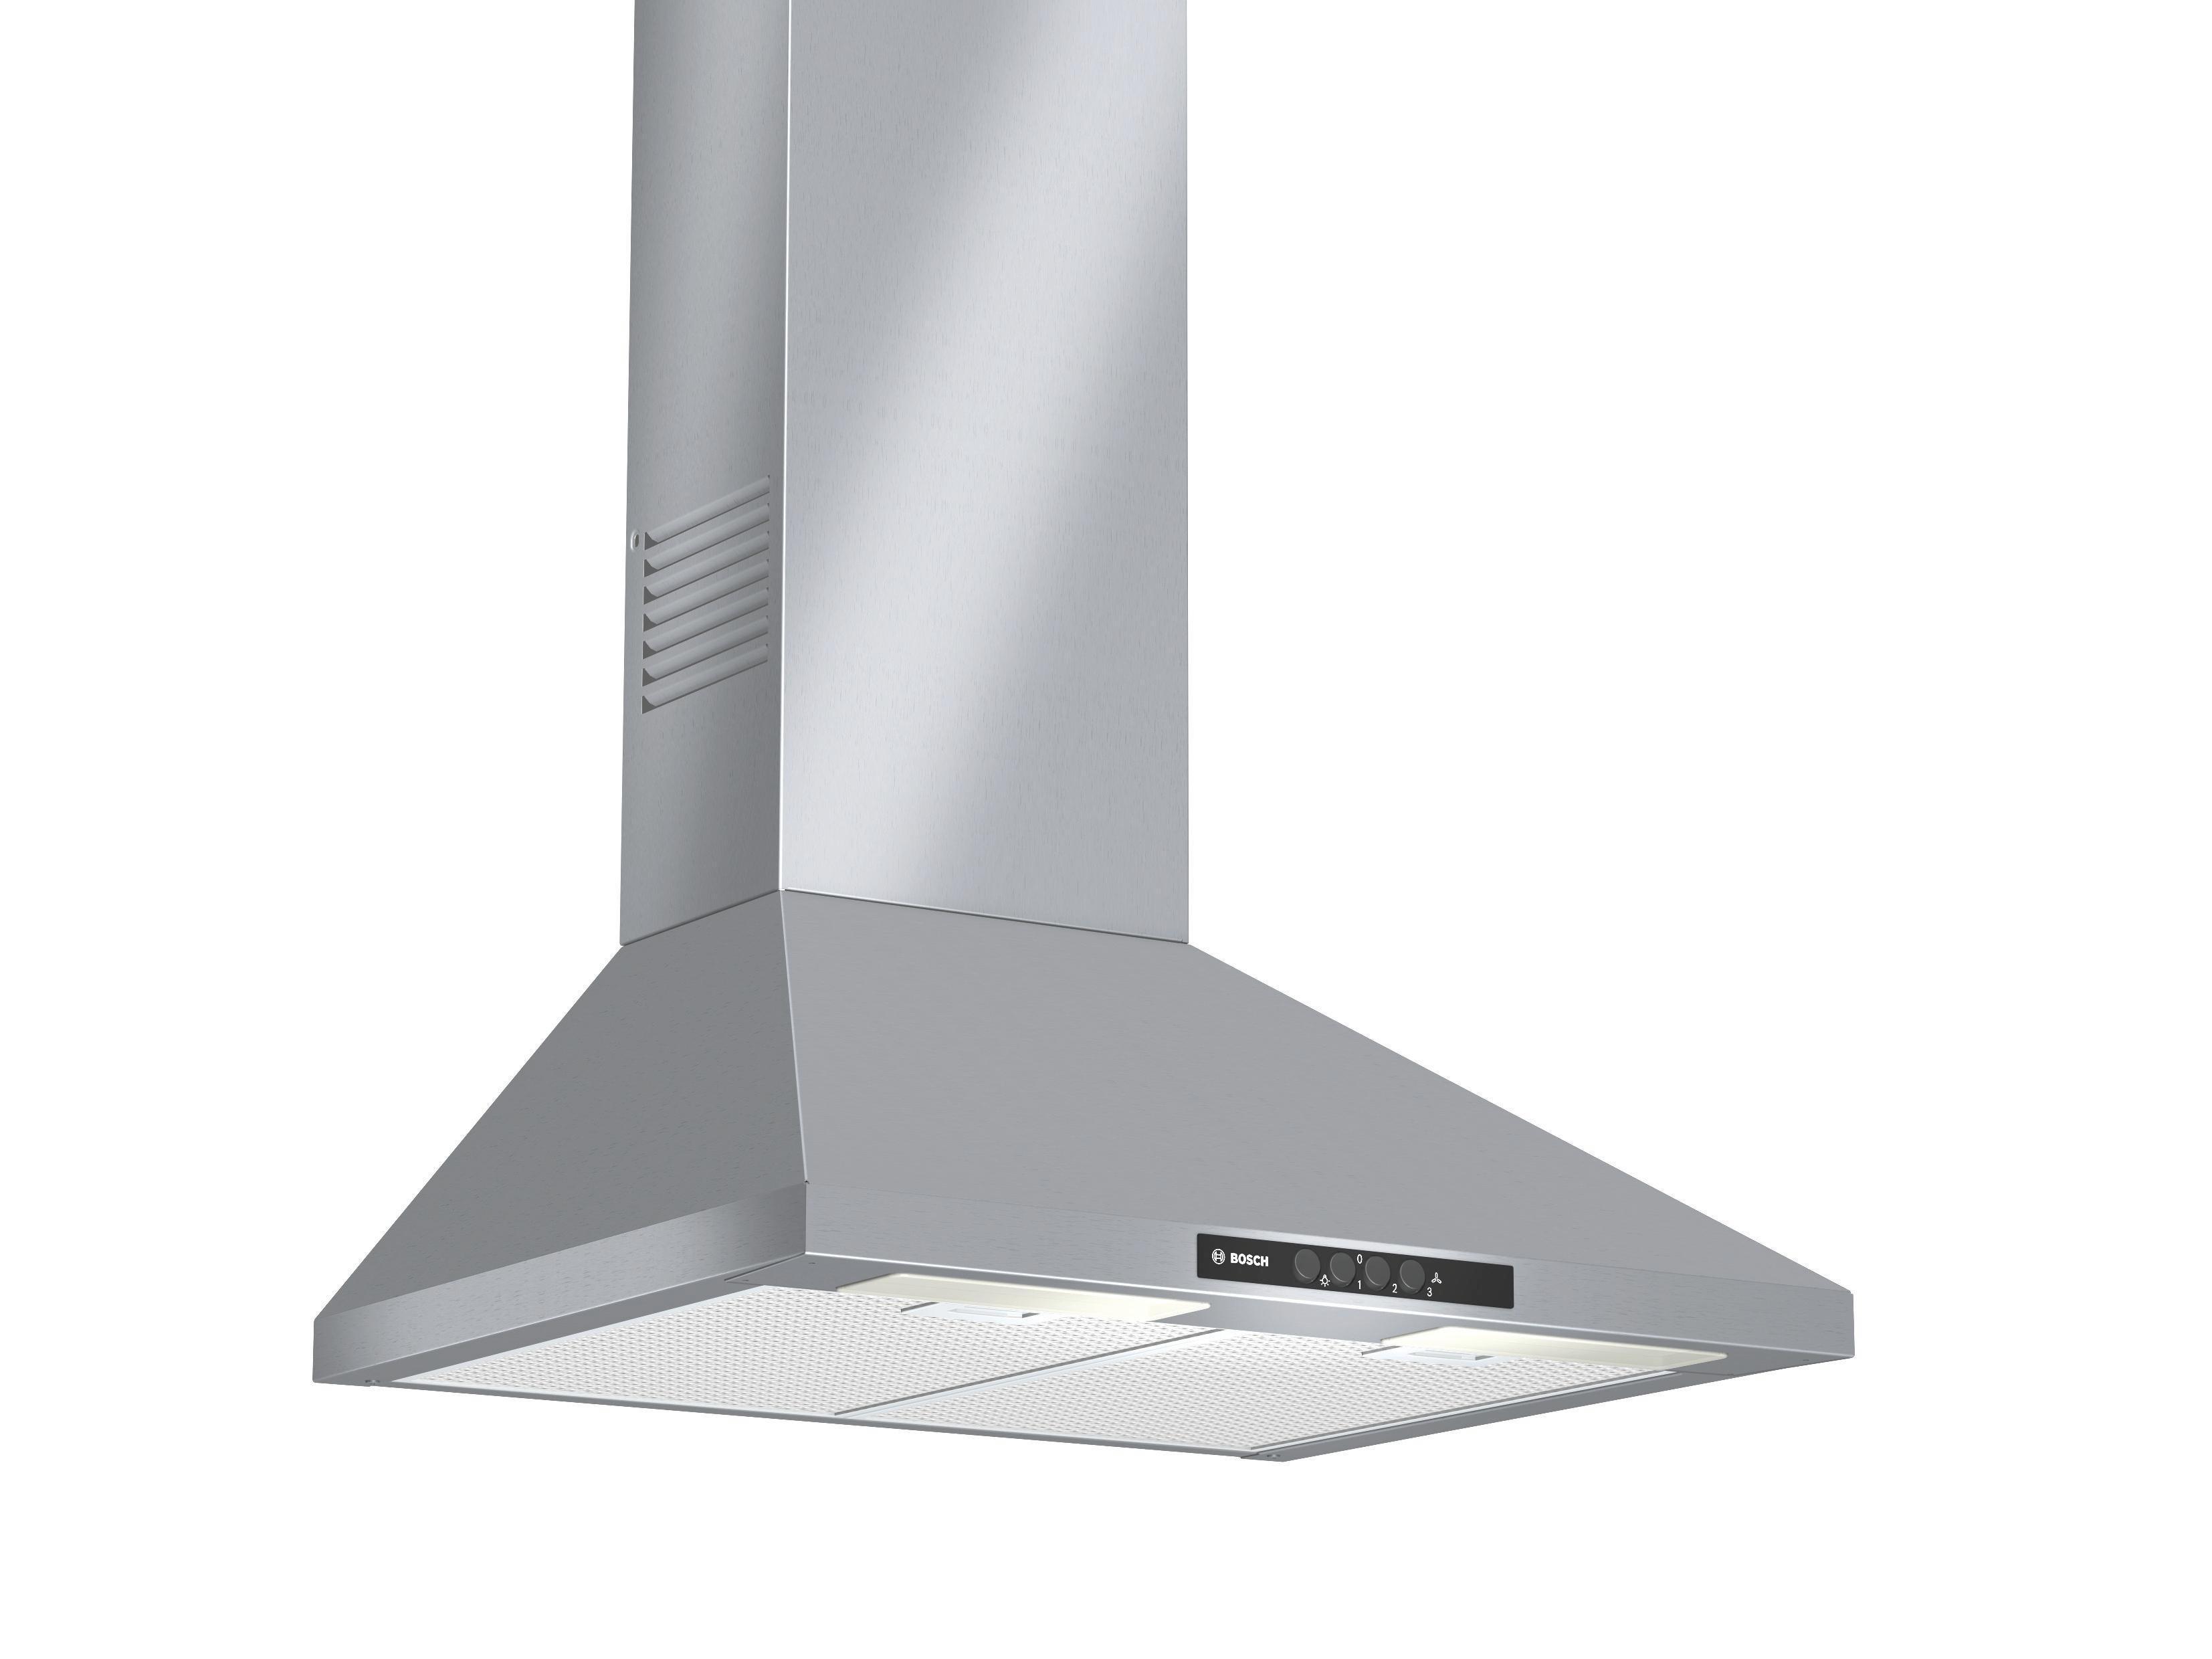 Dunstabzugshaube Bosch Dww06w450, EEZ D - ROMANTIK / LANDHAUS, Metall (60/79,9-97,6/50cm) - BOSCH